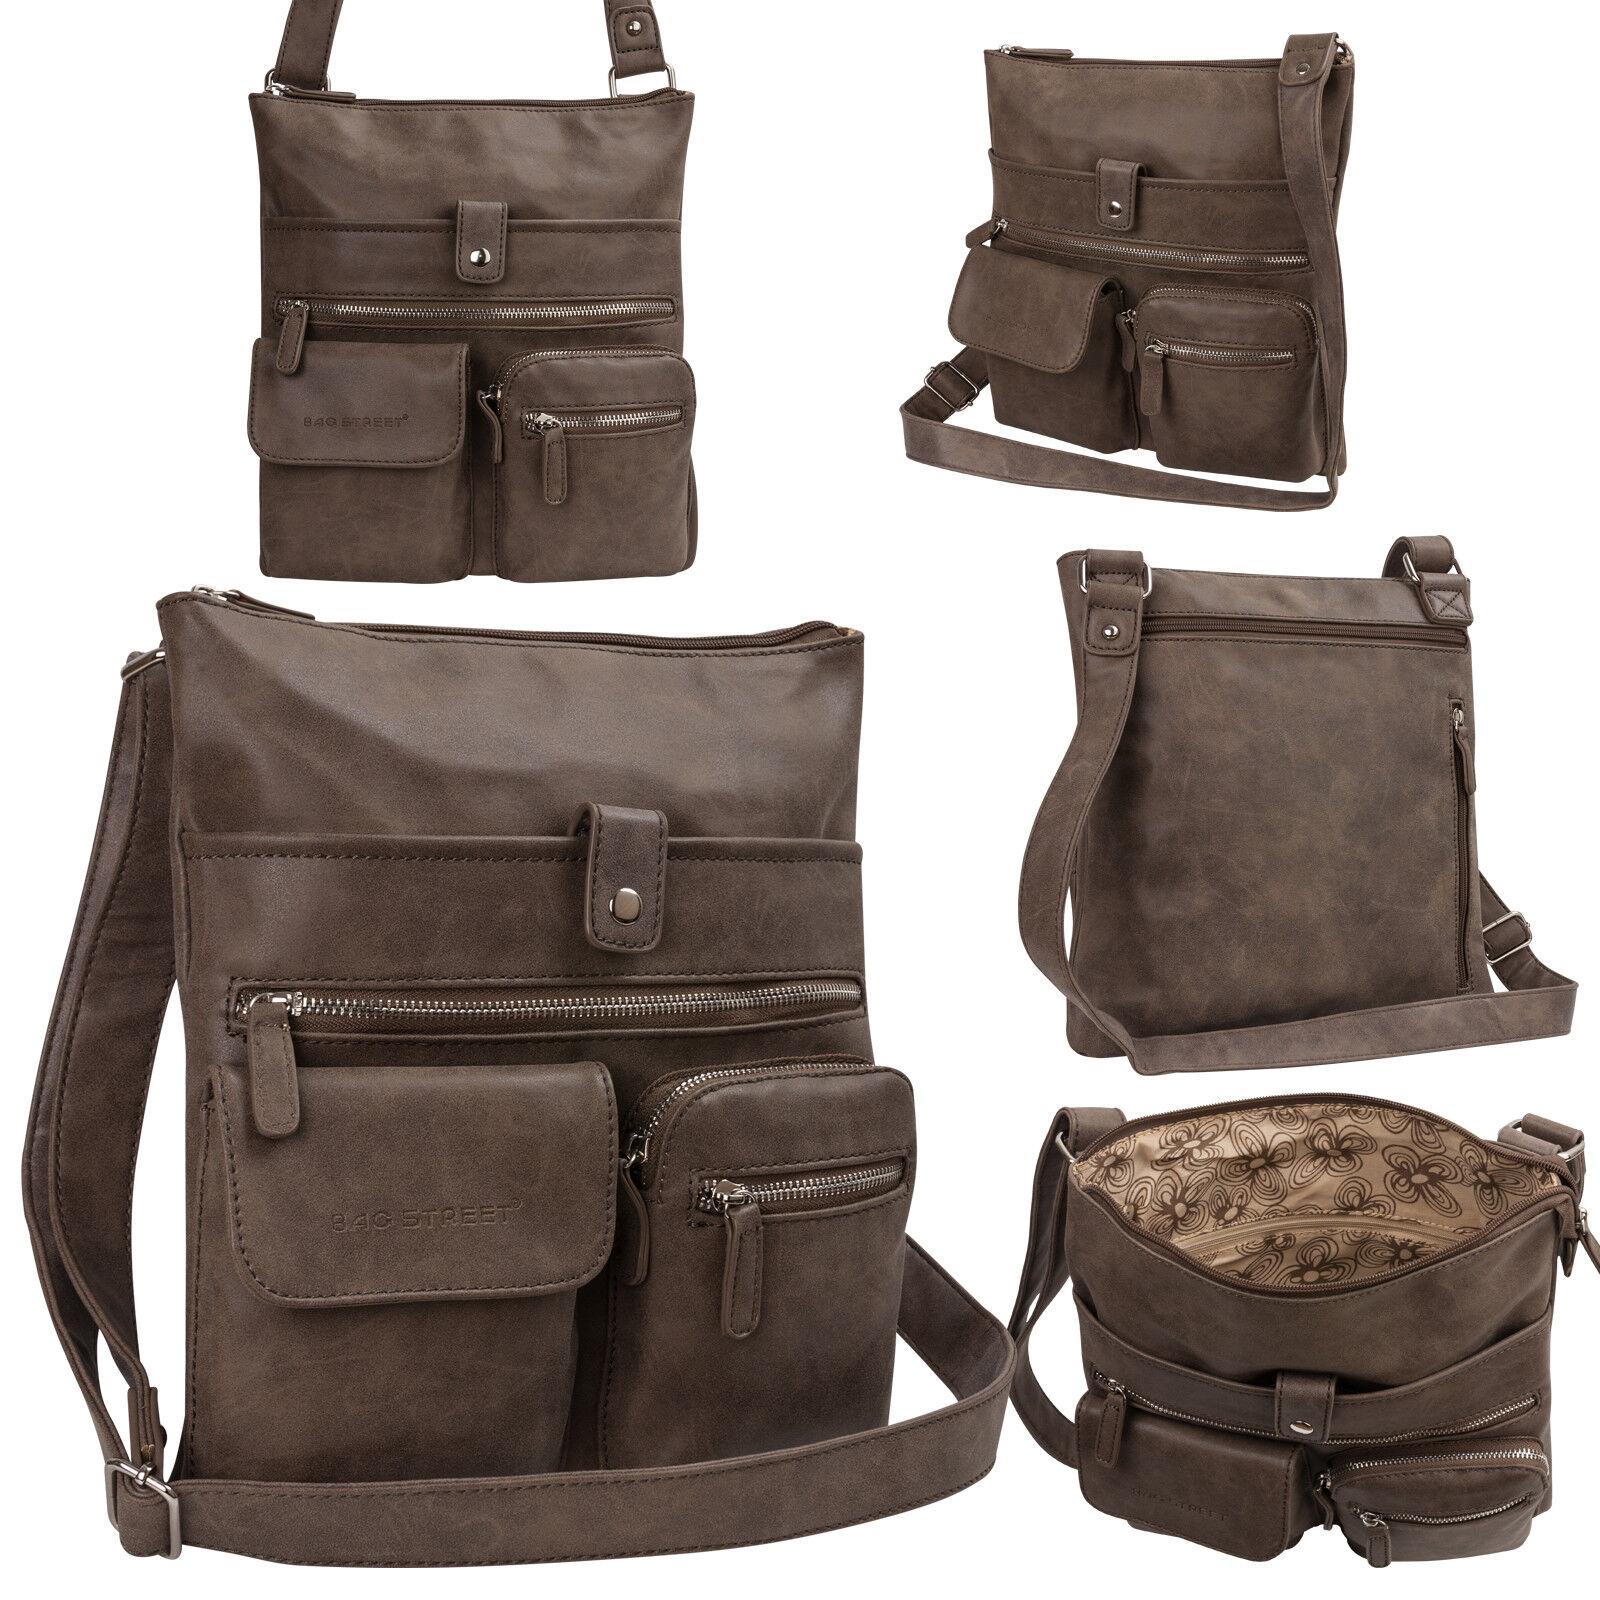 Bag Street Damentasche Umhängetasche Handtasche Schultertasche K2 T0100 Braun